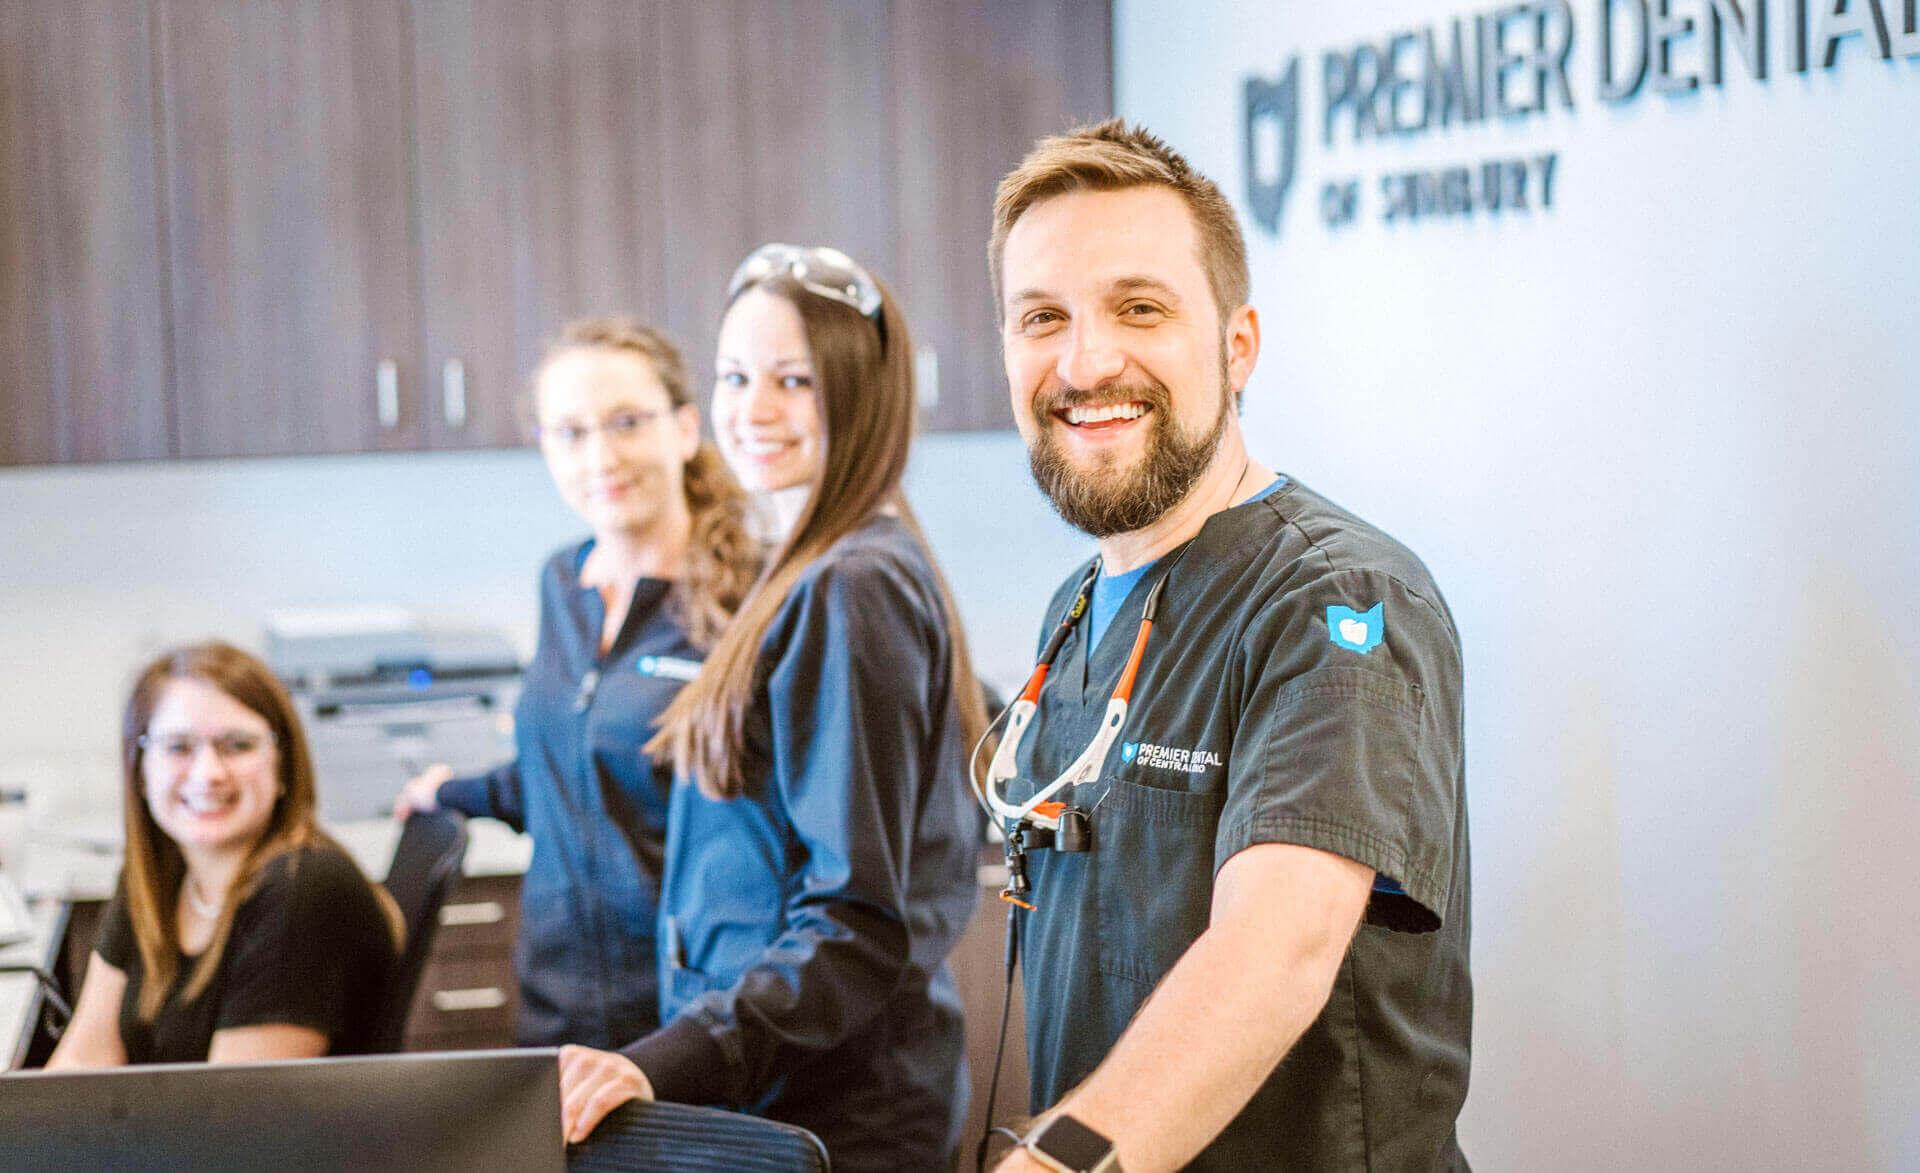 Dr. Doug Hudoba and his dental team at the front desk of Premier Dental of Sunbury